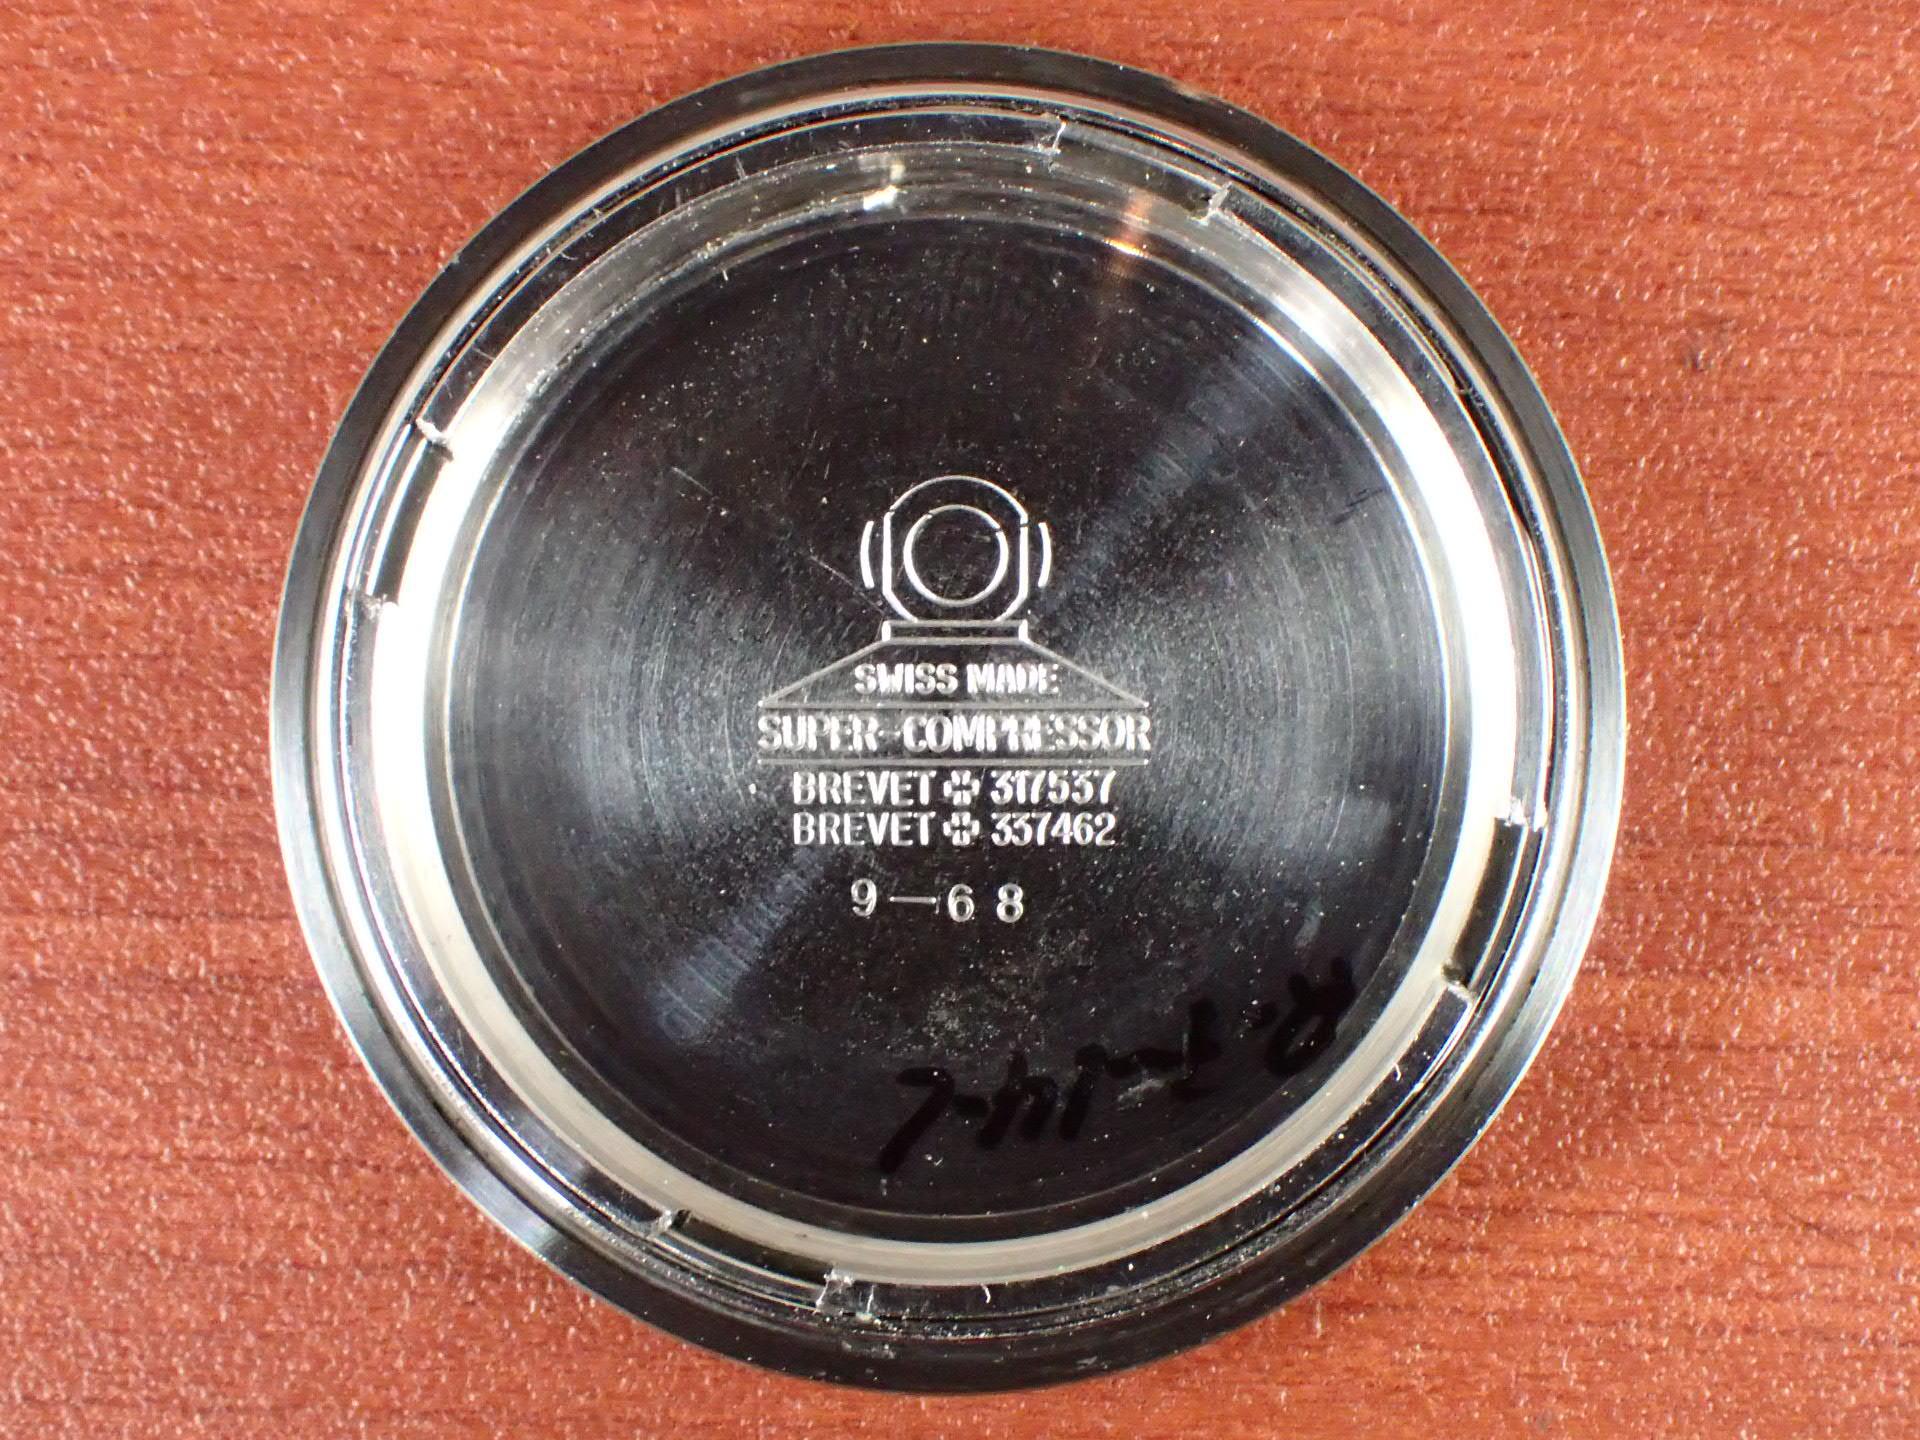 リシャール アクアマックス スーパーコンプレッサー ダイバーズ 1960年代の写真6枚目